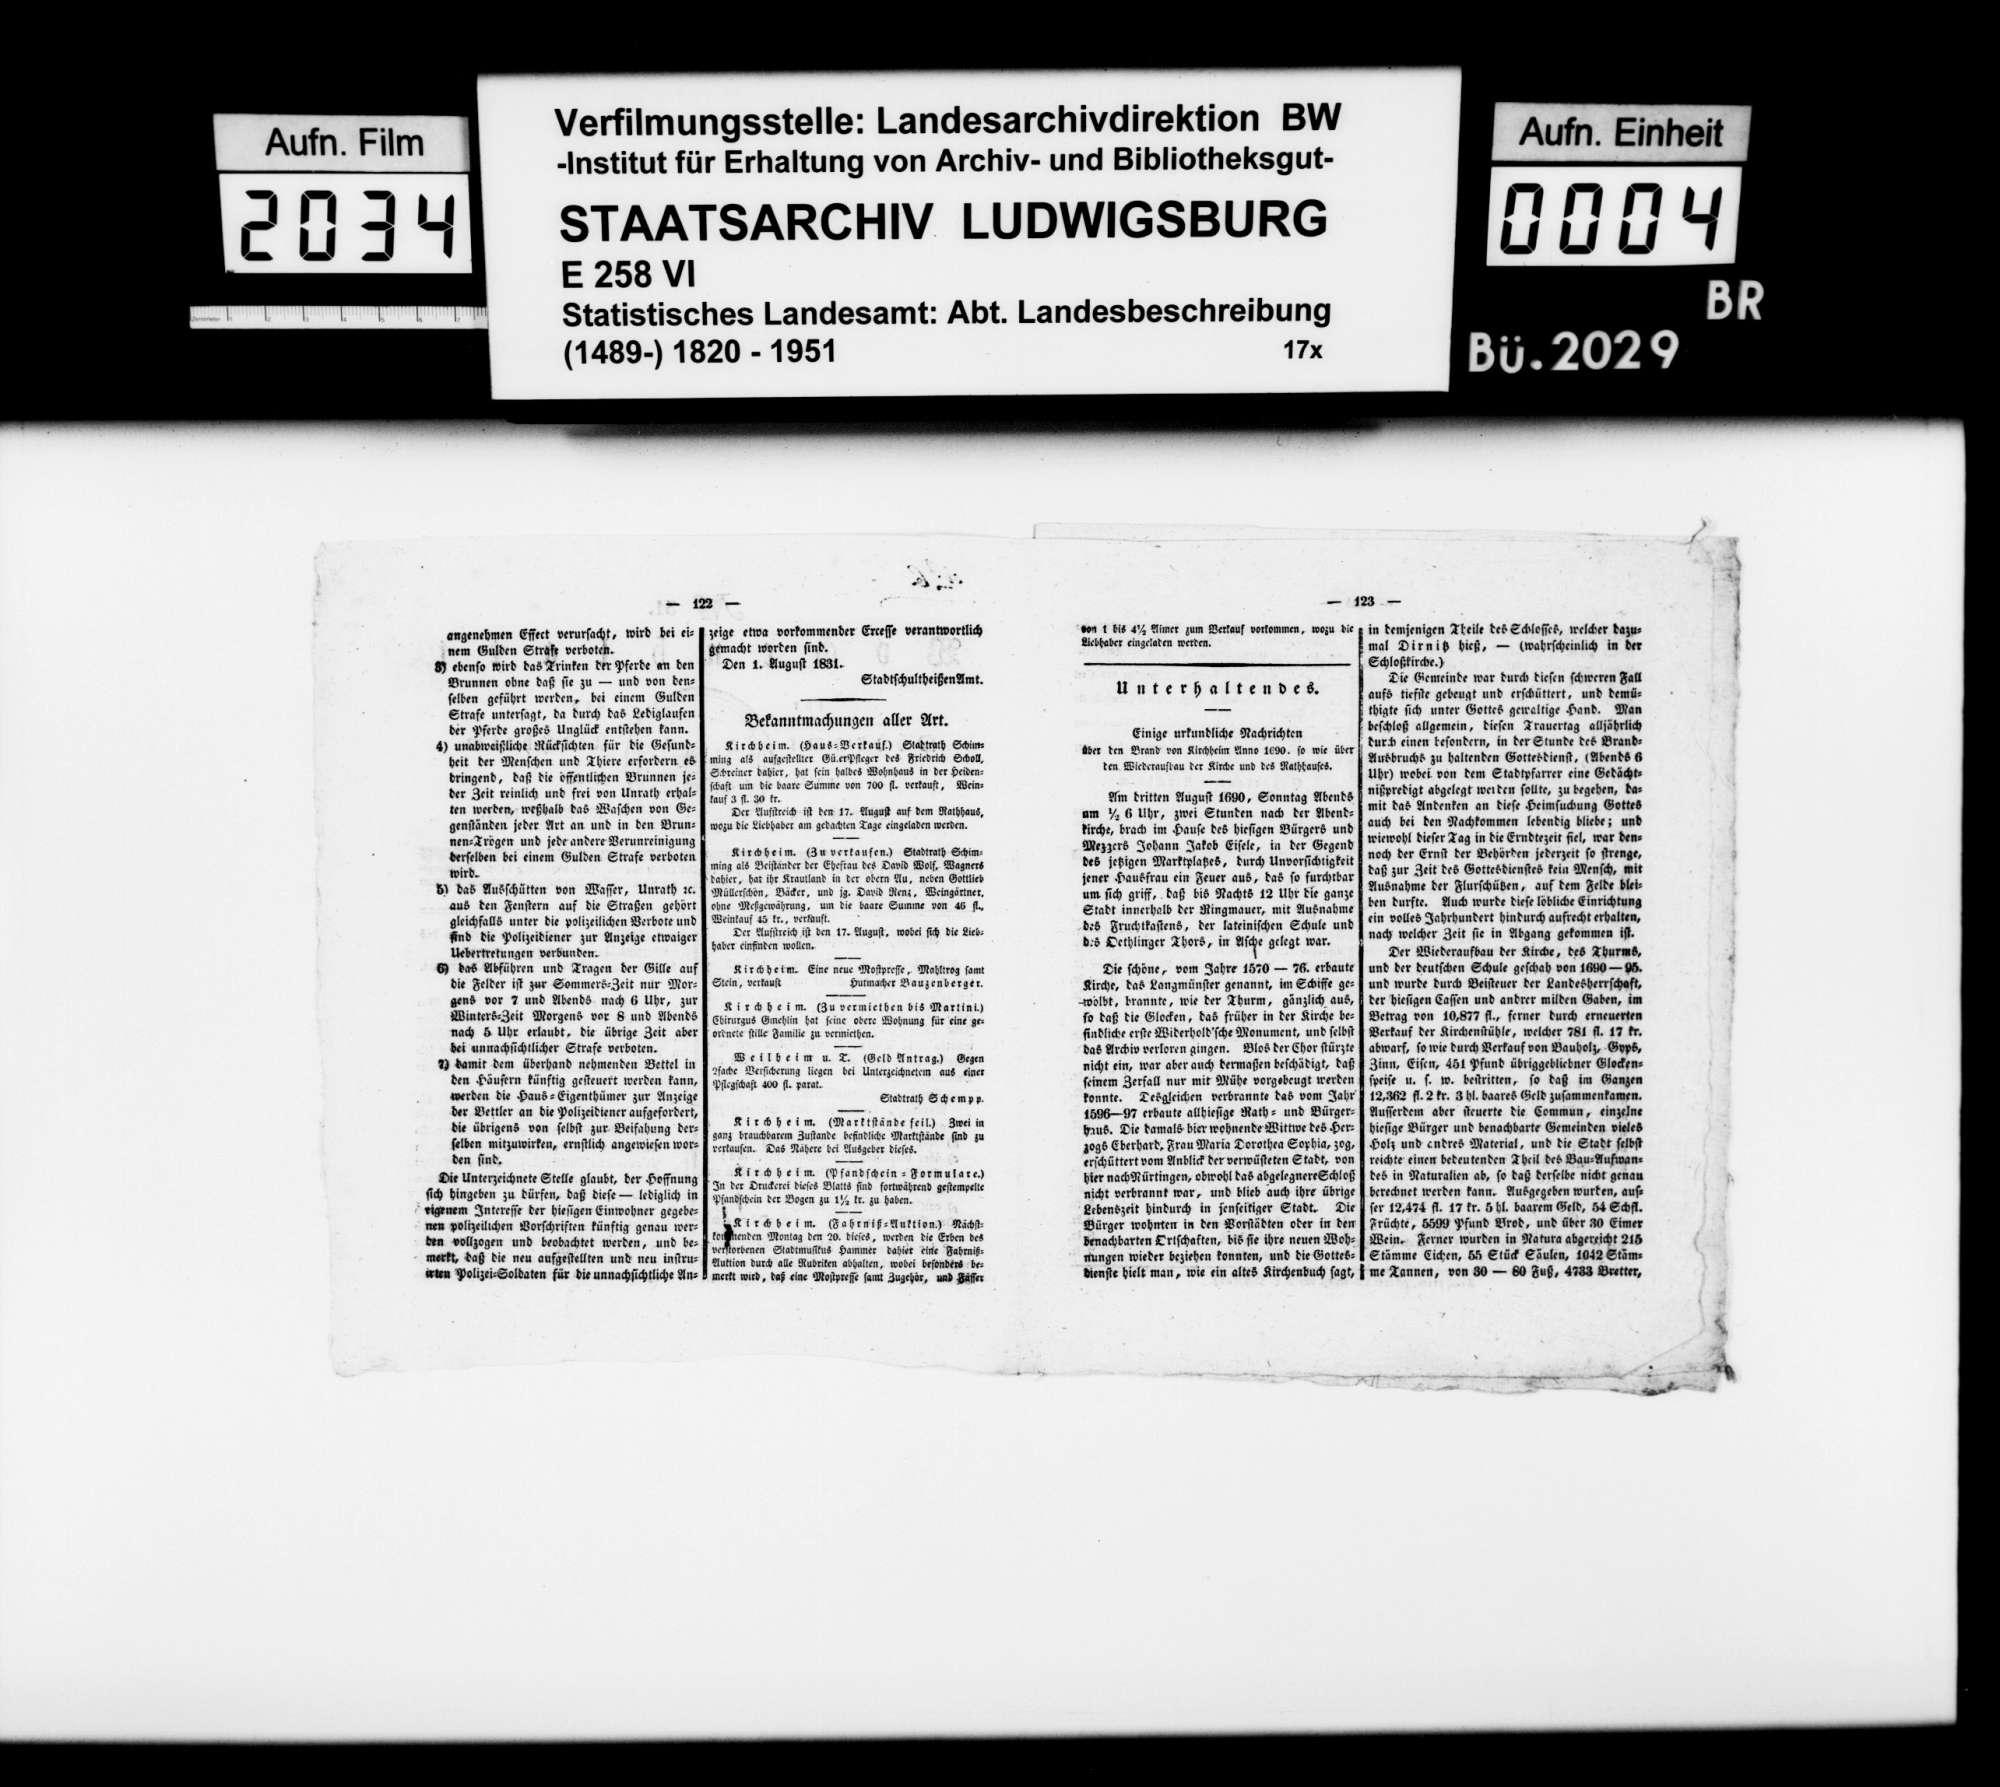 Der Brand von Kirchheim 1690 und der Wiederaufbau der Kirche und des Rathauses, in: Wochenblatt für das Oberamt Kirchheim unter Teck Nr. 31/32 vom 15./22. Aug. 1832, Bild 2